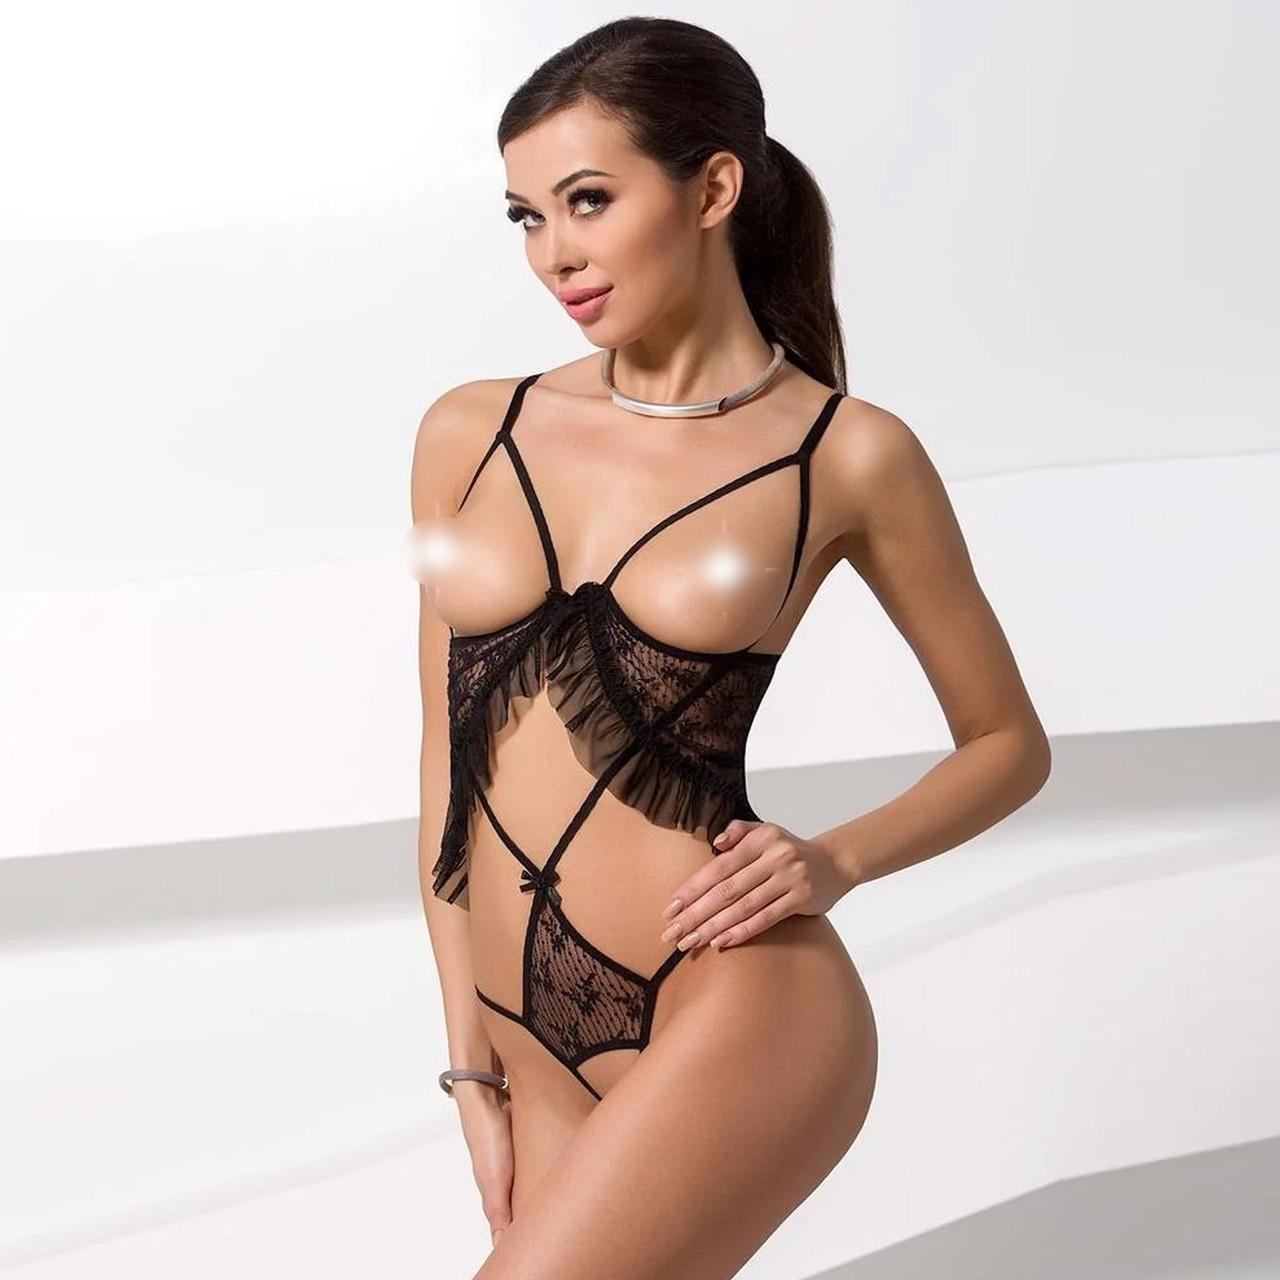 Боди монокини с открытой грудью JUSTINA BODY black S/M - Passion